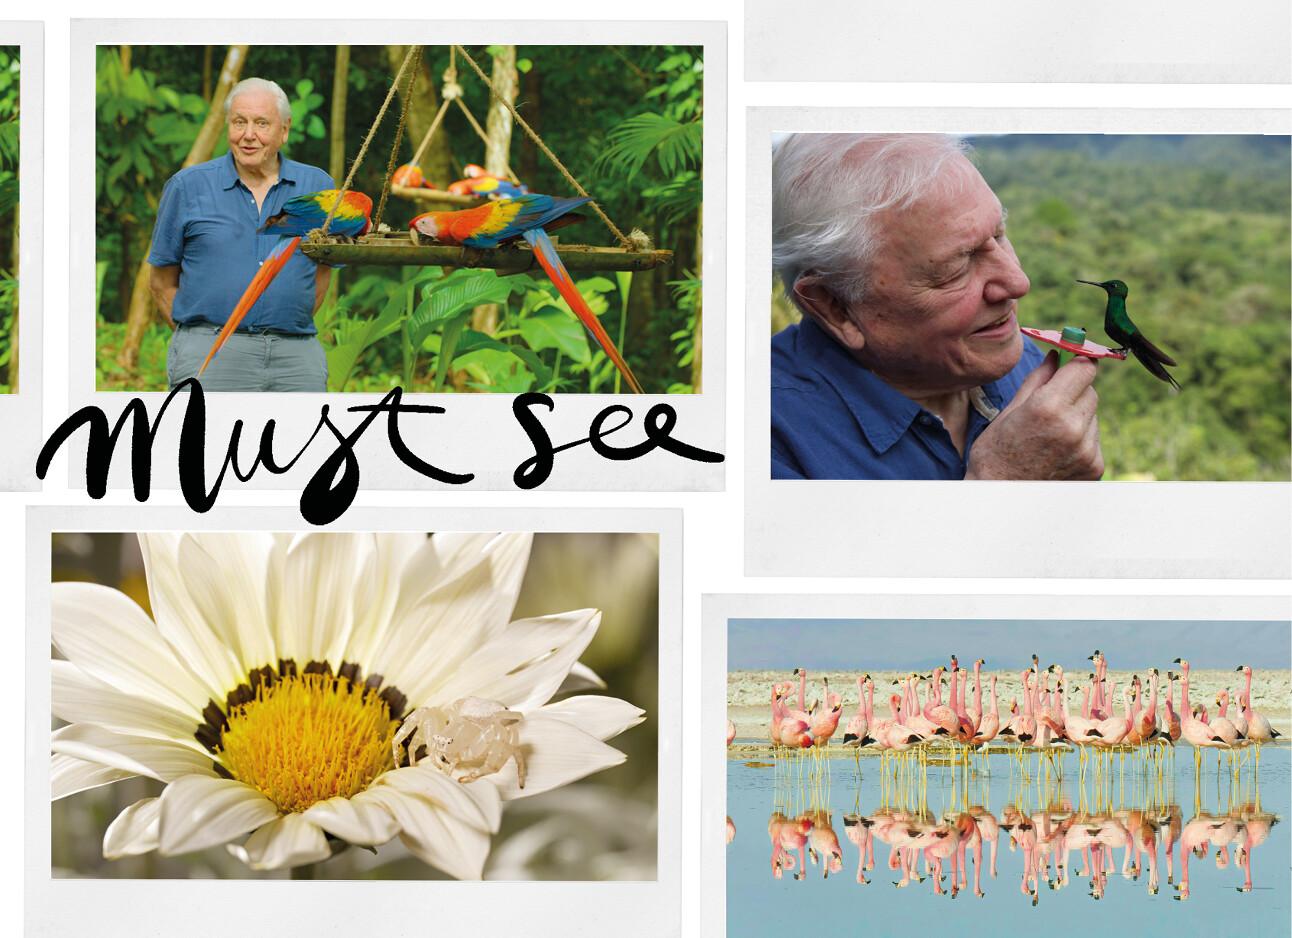 Kijktip van de dag: Life in Colour van David Attenborough